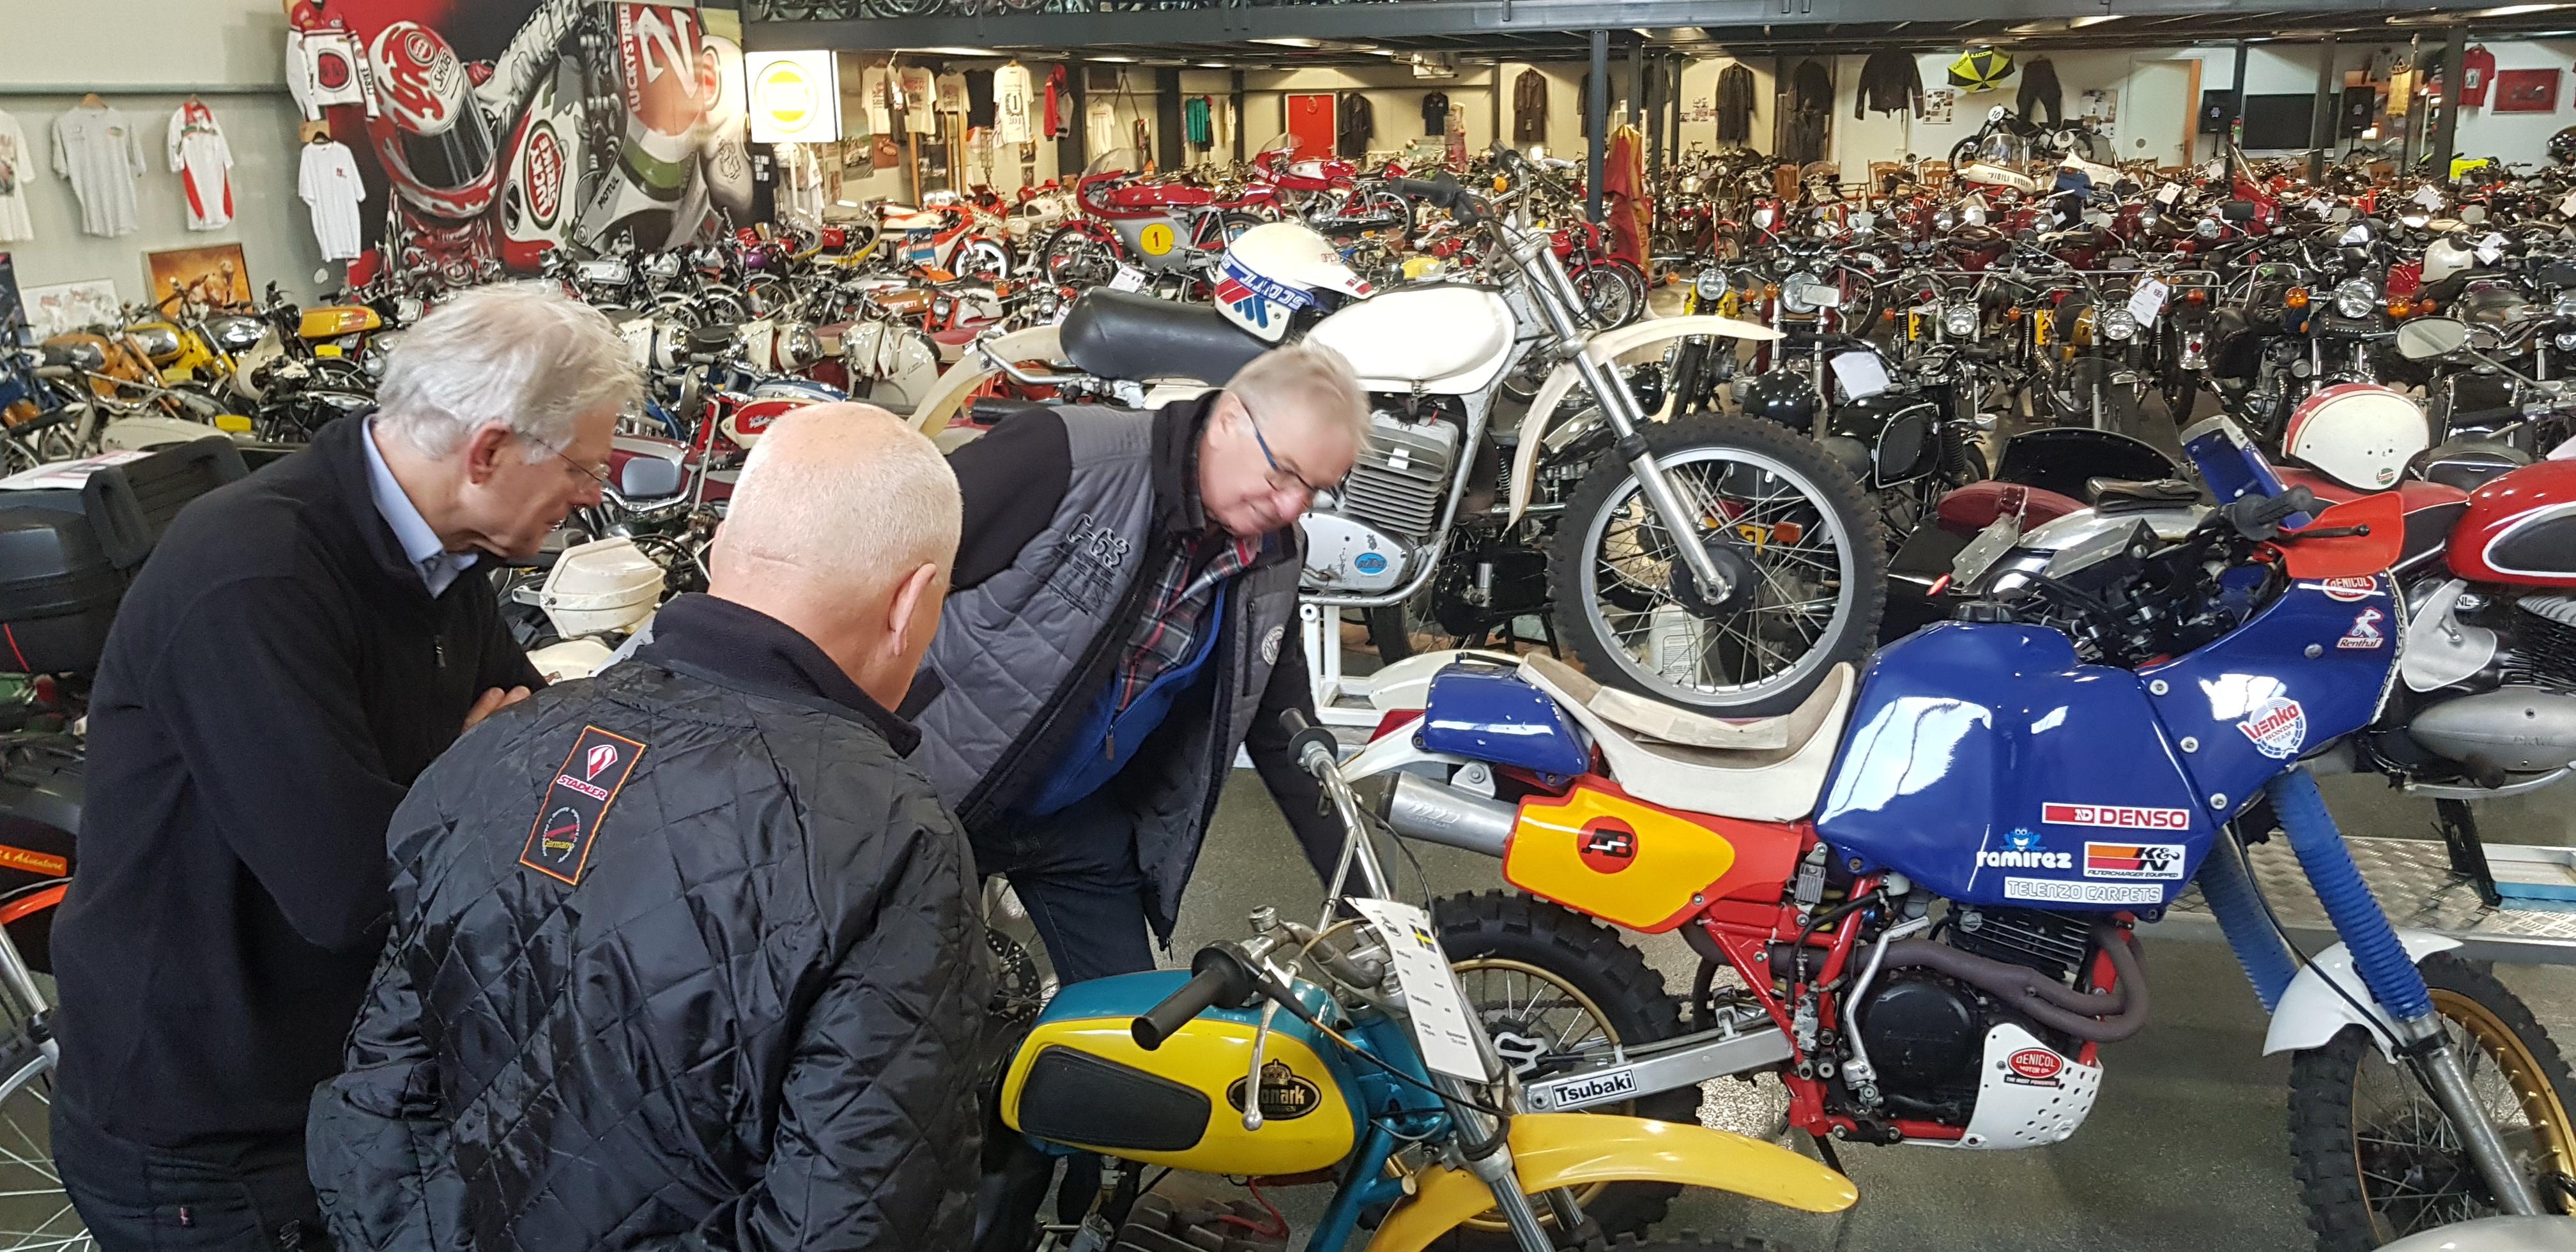 Brommer-en-motormuseum-Wigchers-Schoonoord-uitleg